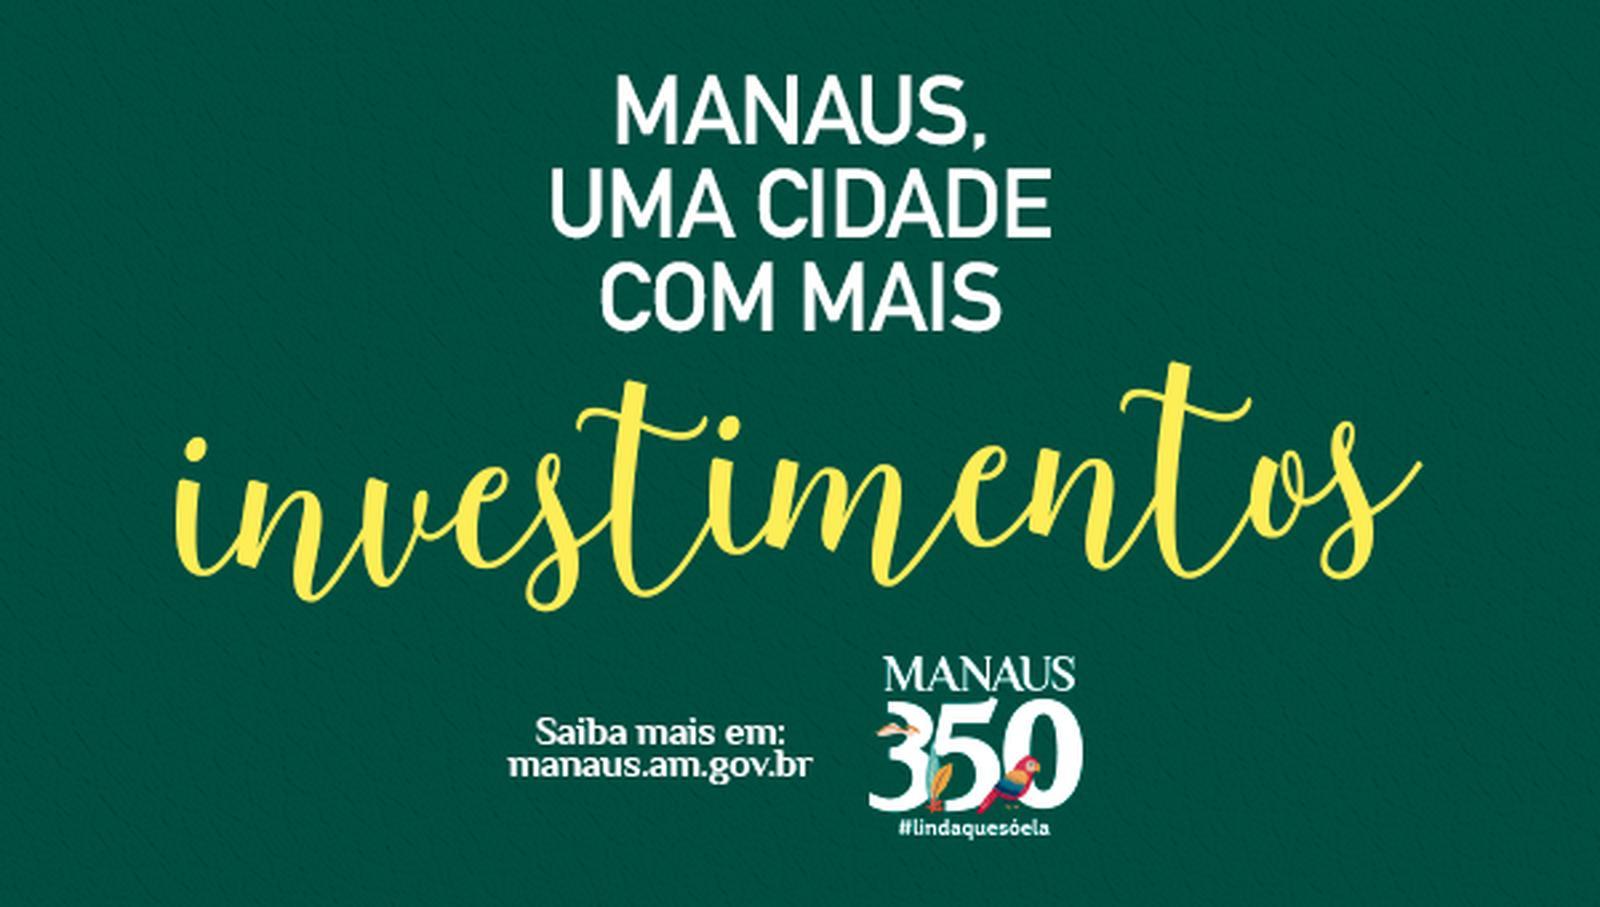 Manaus Cidade Melhor 1 E_1